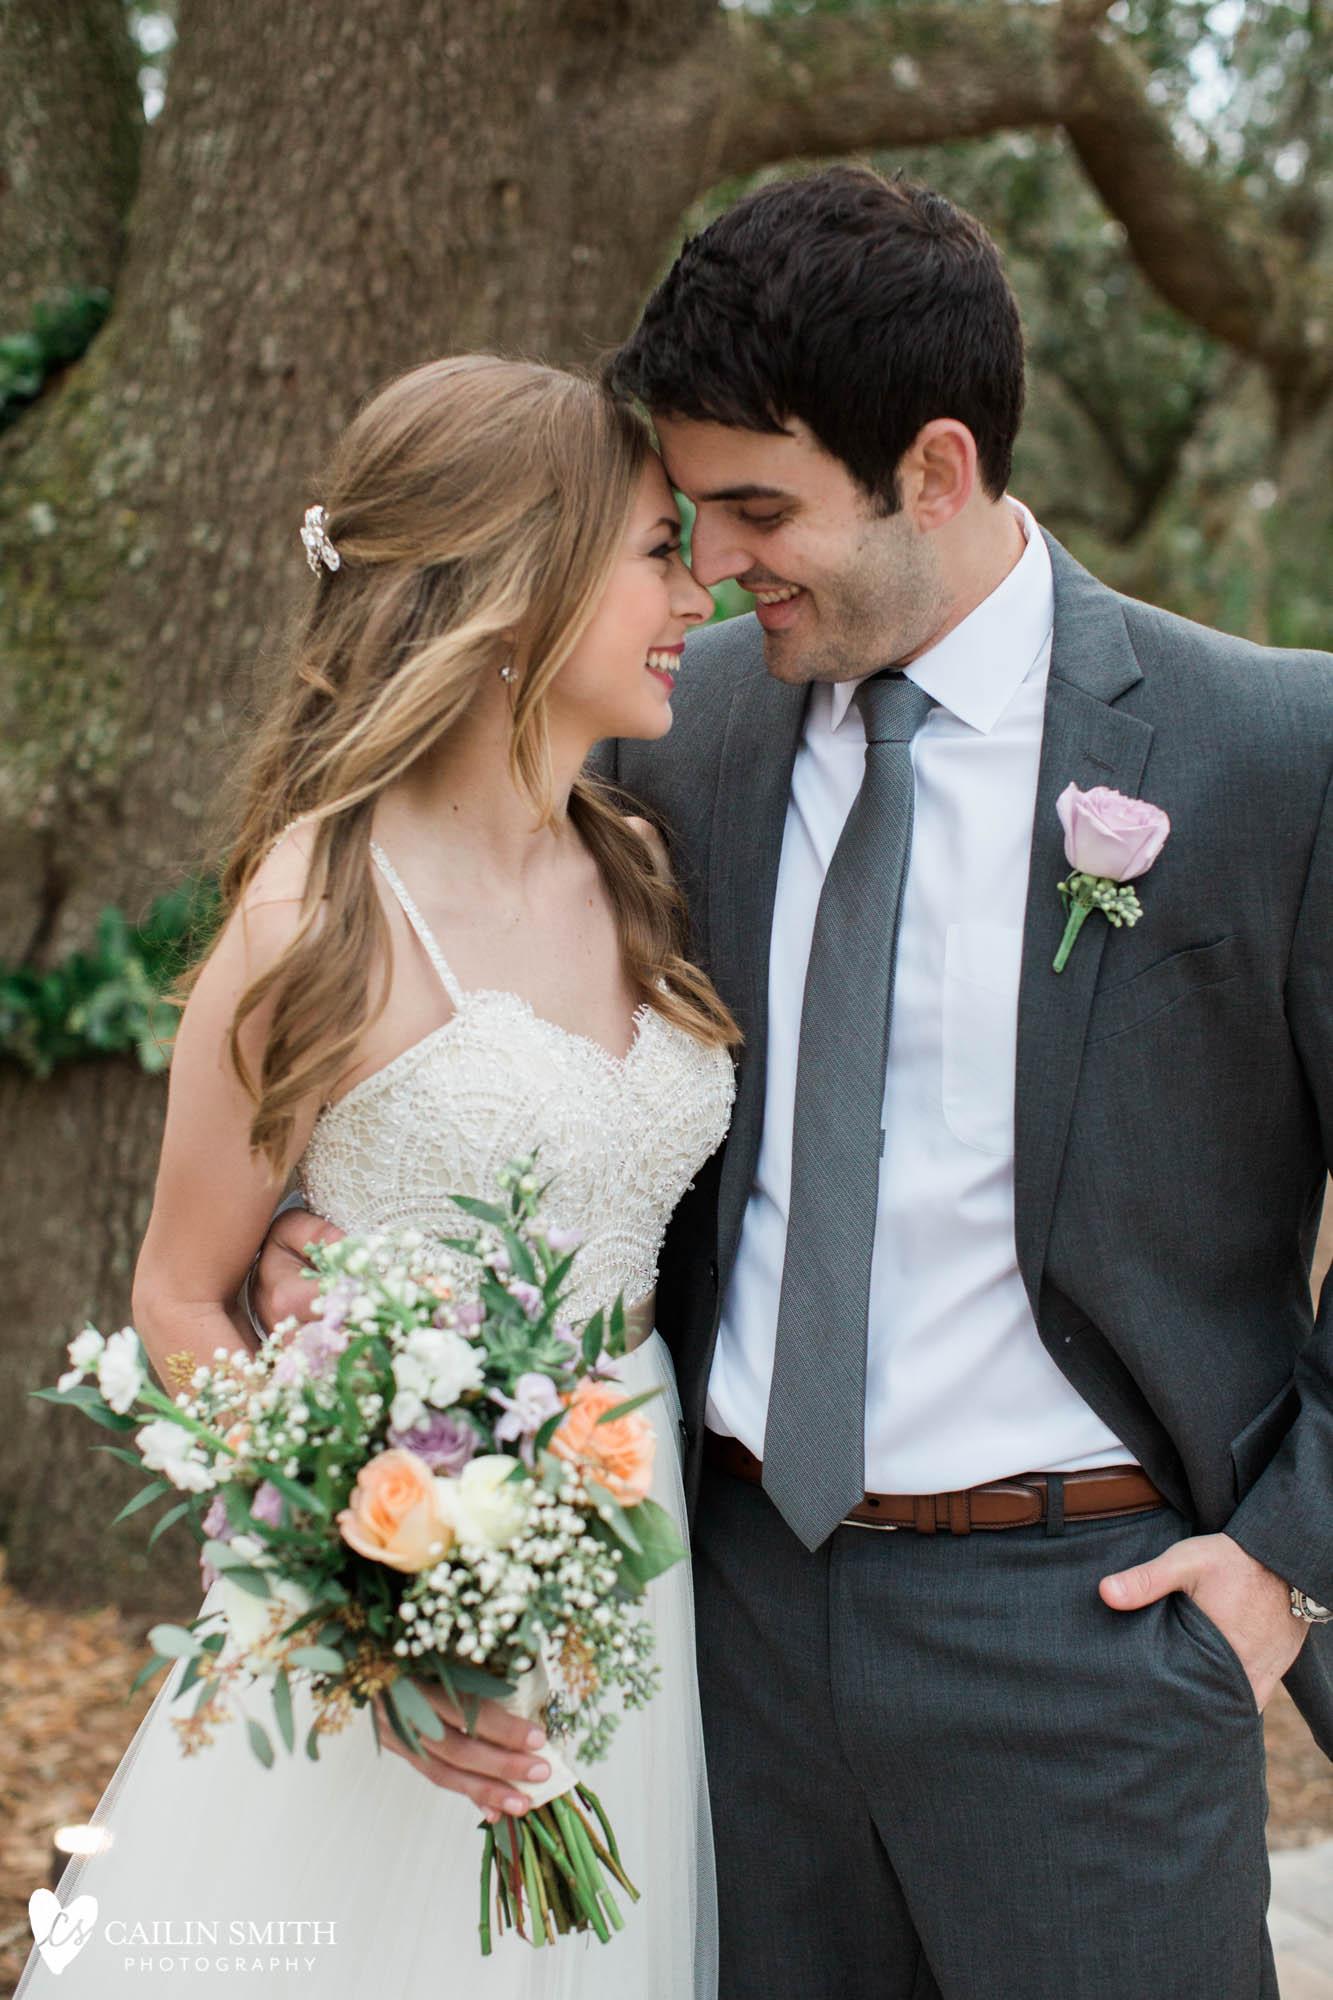 Sylvia_Anthony_Bowing_Oaks_Plantation_Wedding_Photography_0062.jpg